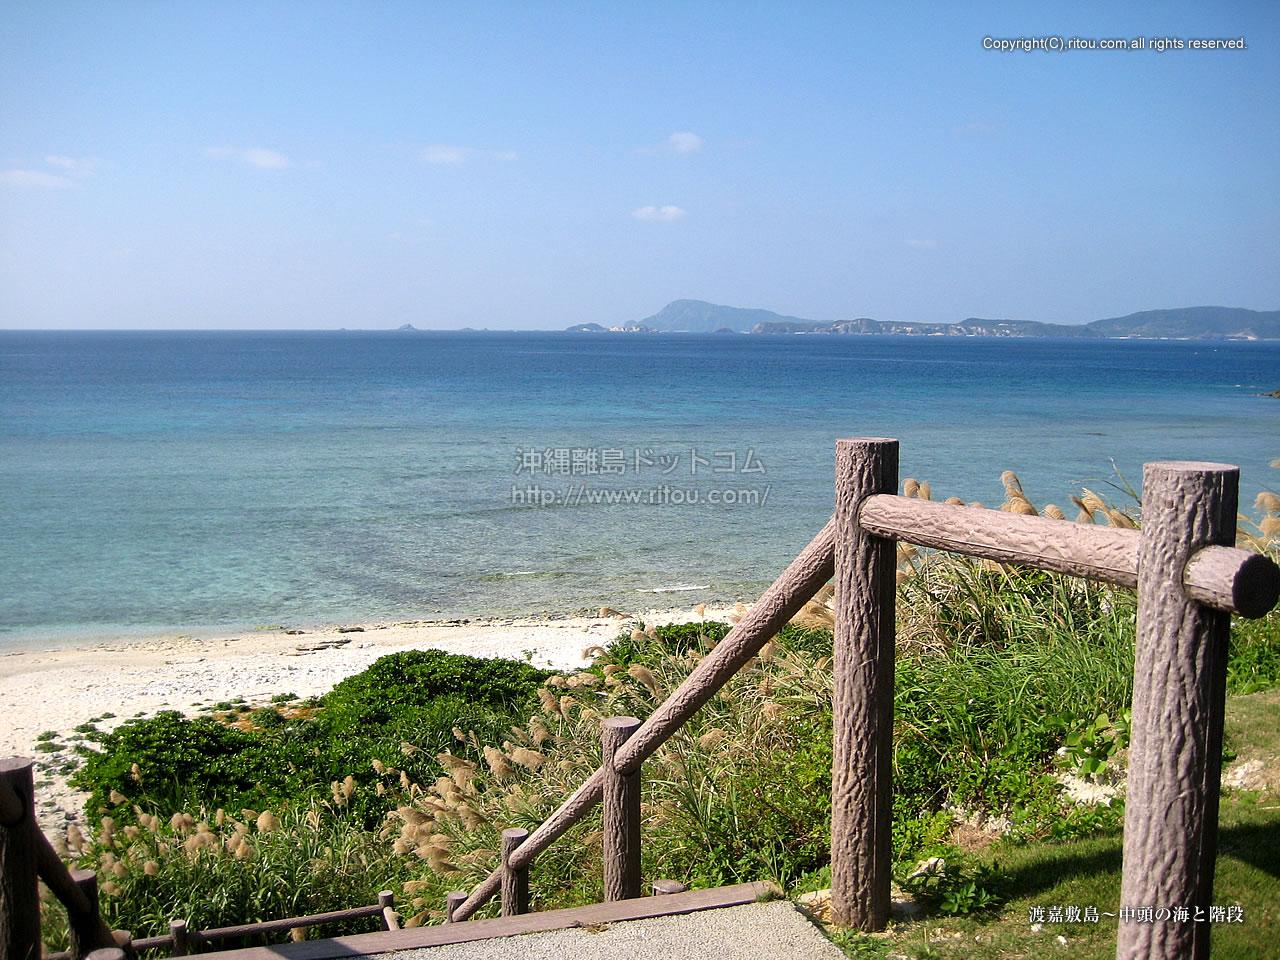 渡嘉敷島〜中頭の海と階段